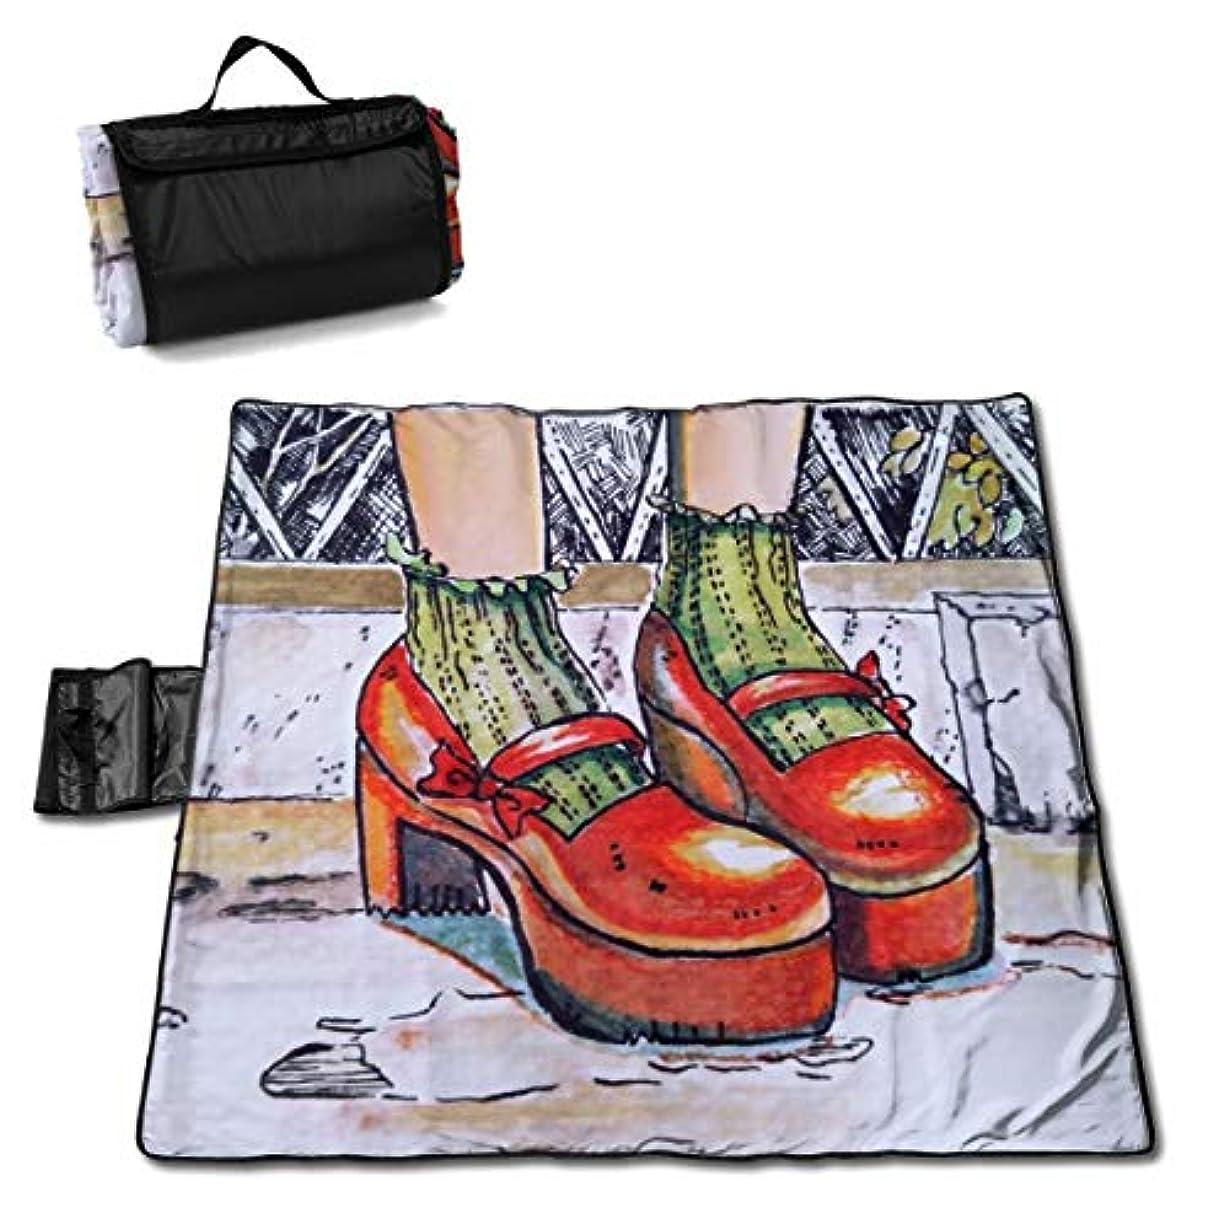 弱い著者エンドテーブルQQ LOVE 赤い靴 レジャーシート ピクニックシート 厚手 レジャーマット 折り畳み 150*145 Cm